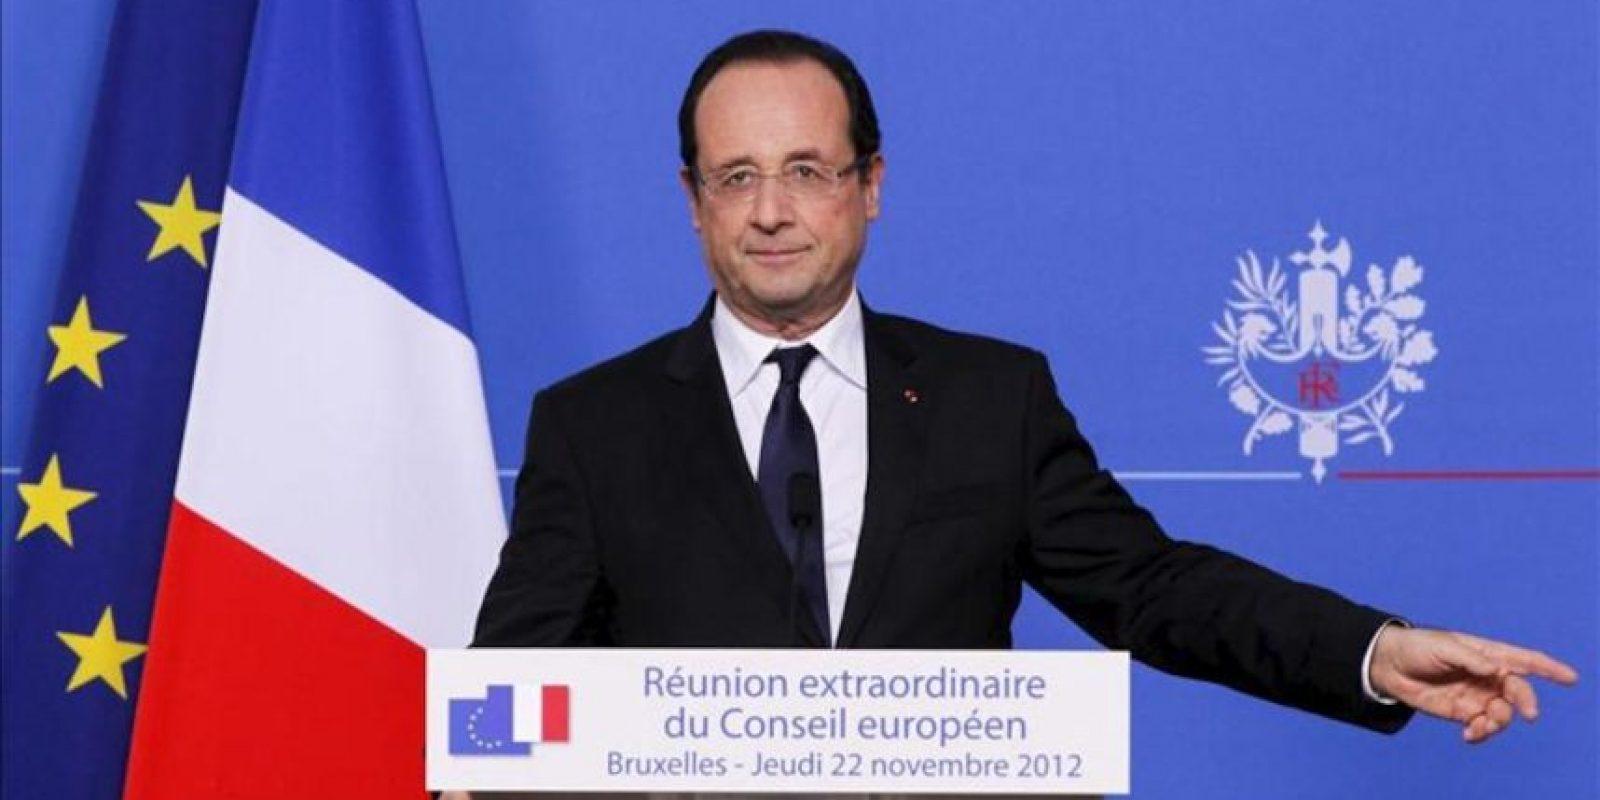 El presidente francés, Francois Hollande, comparece con motivo de la cumbre extraordinaria para negociar el presupuesto plurianual para 2014-2020. EFE